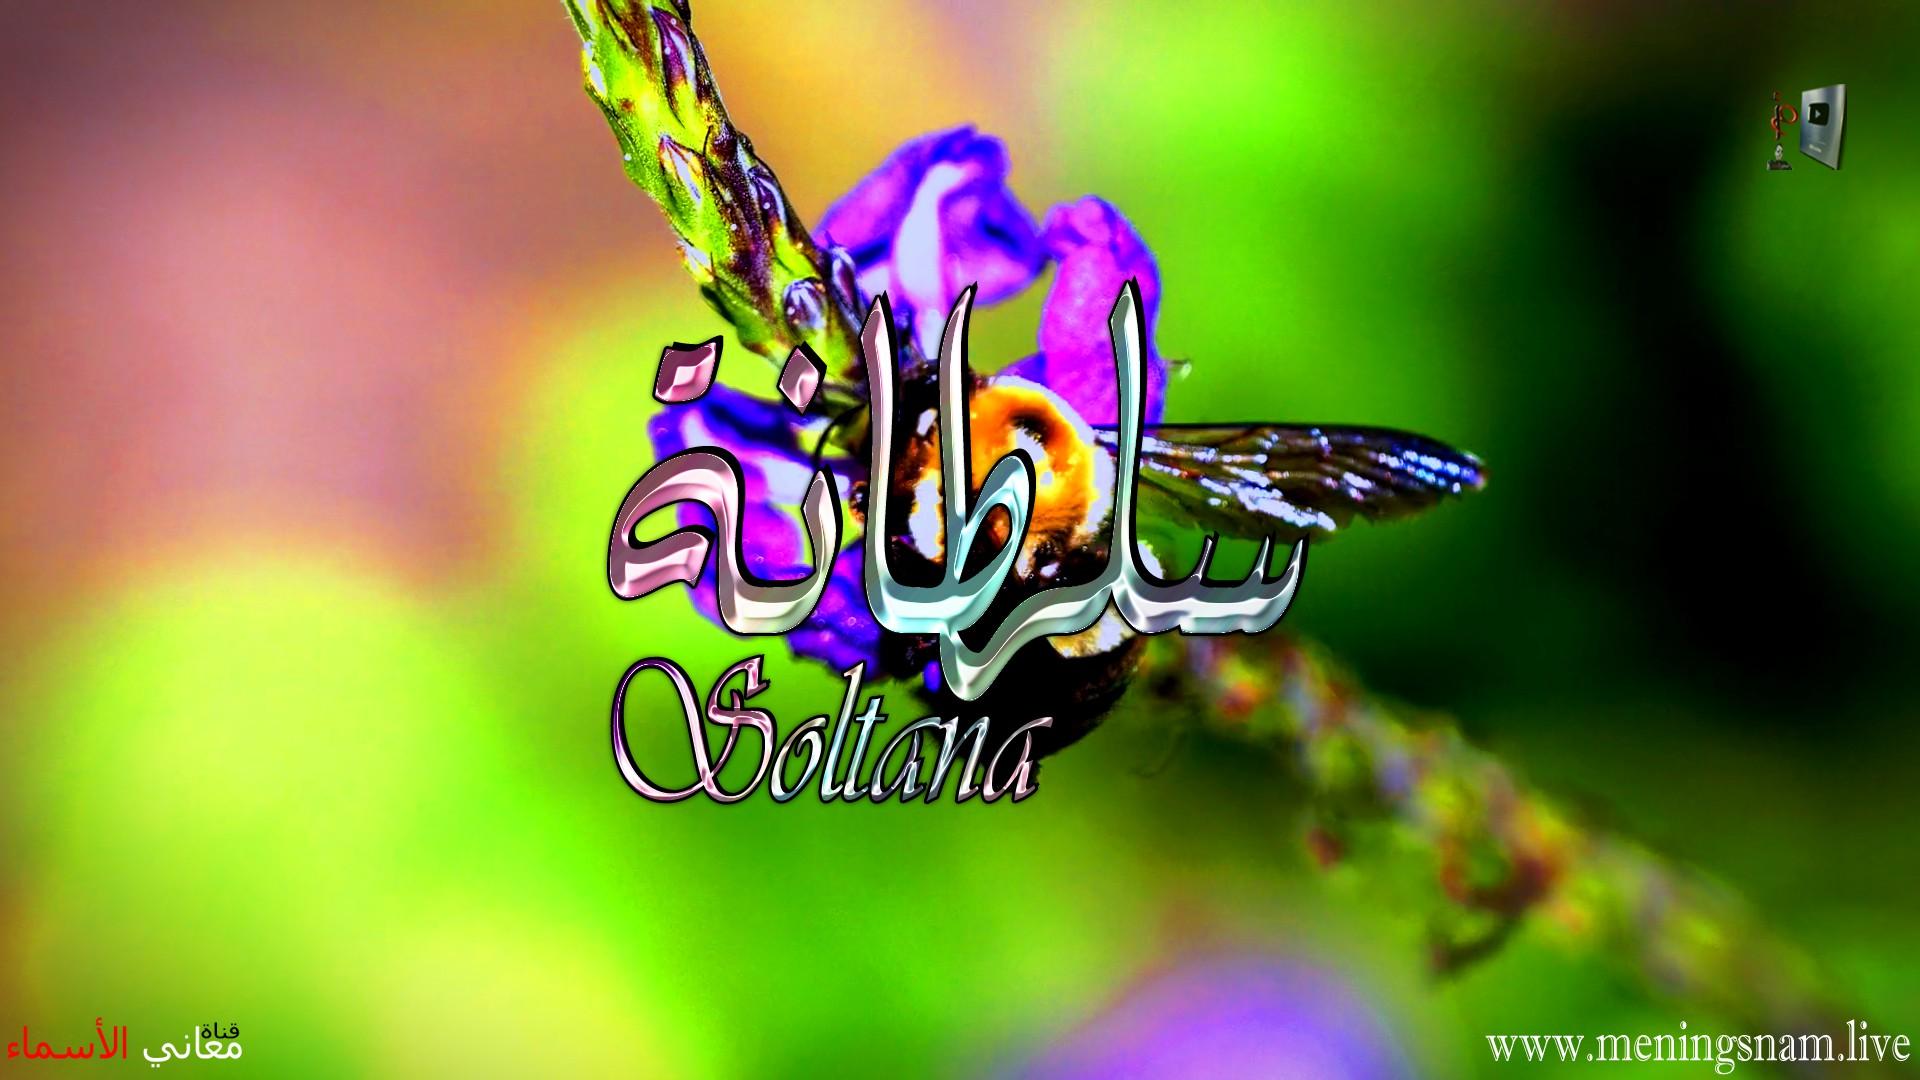 معنى اسم سلطانة وصفات حاملة هذا الاسم Soltana